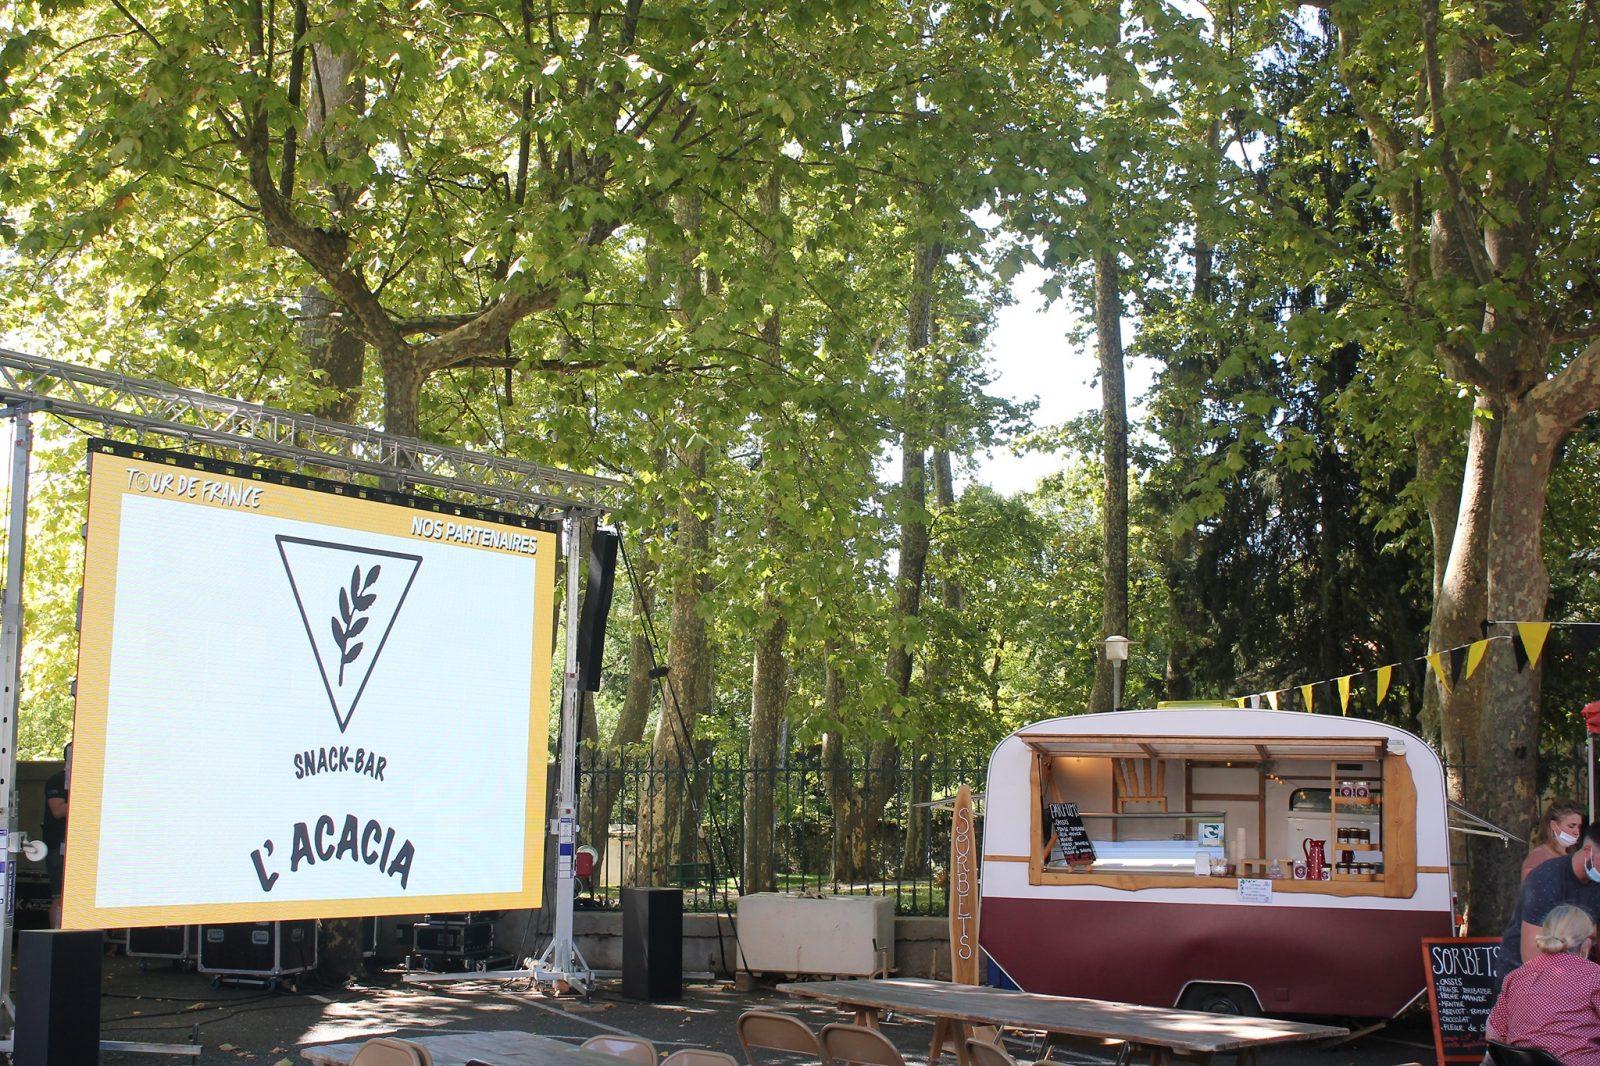 Snack-bar L'acacia